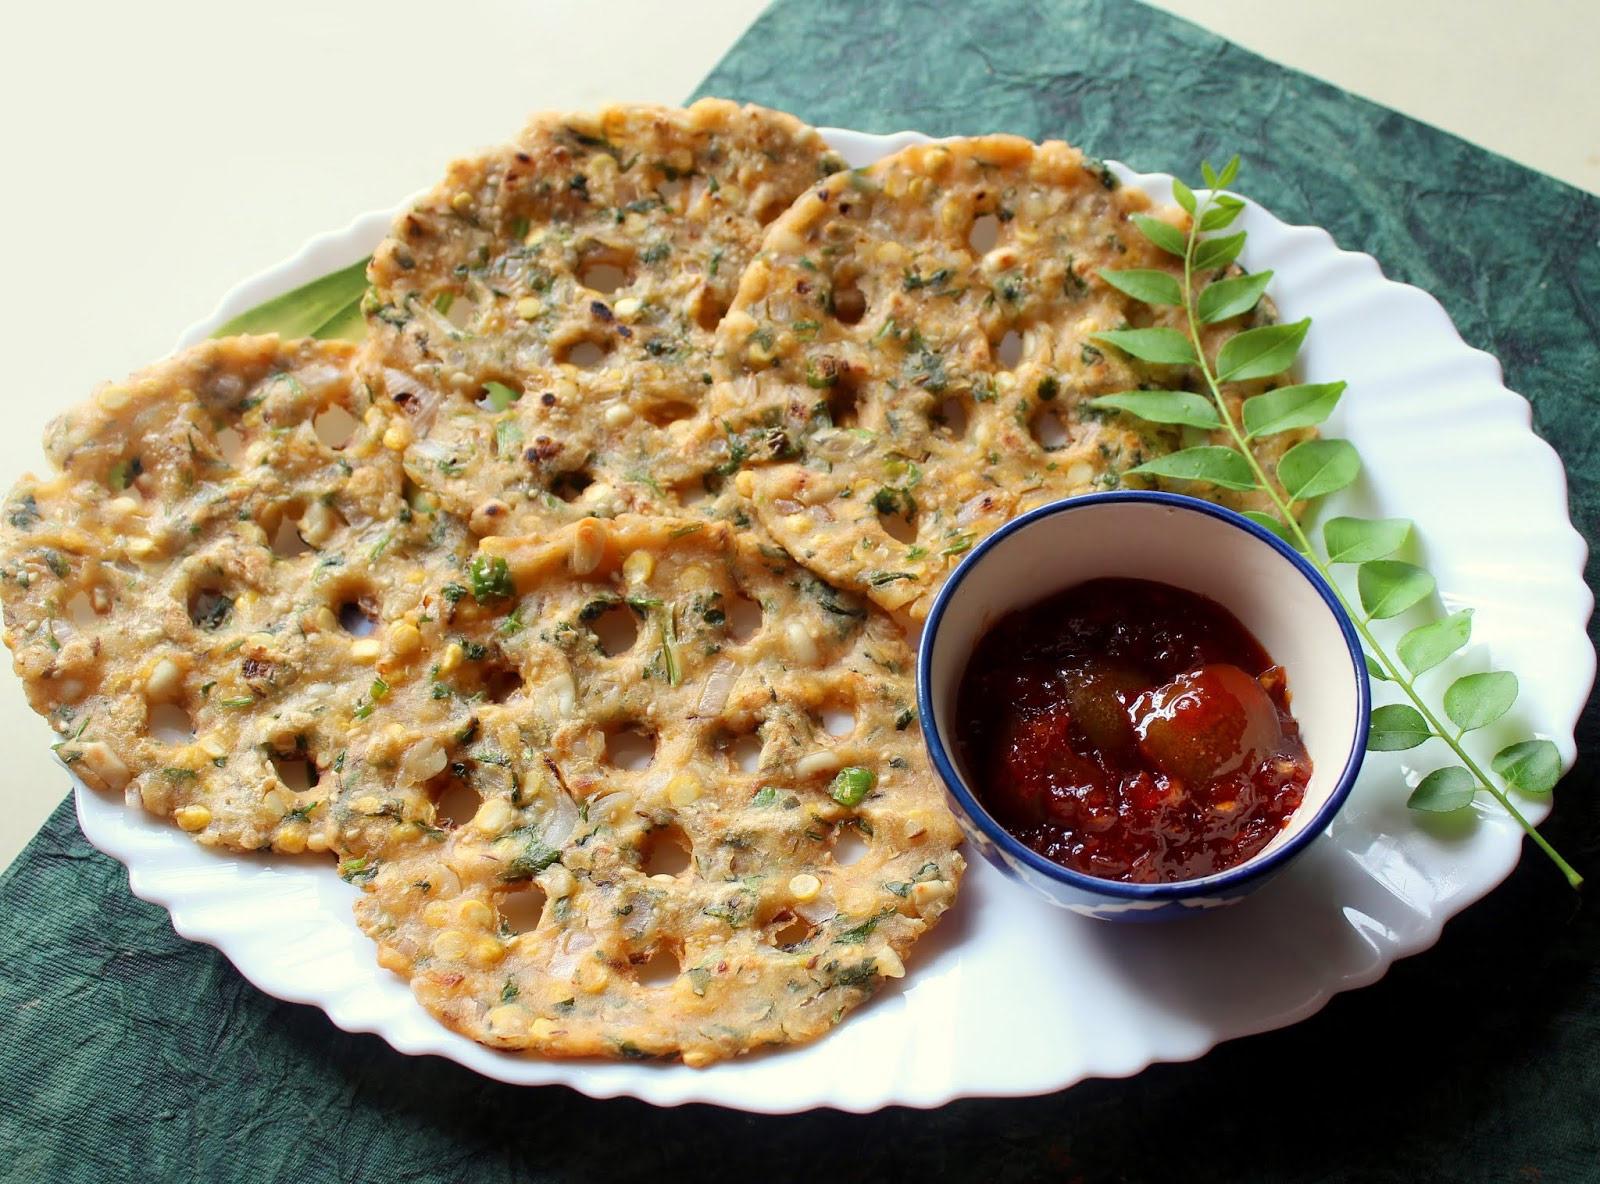 Sarva Pindi - Tasty Telangana Dishe to Try